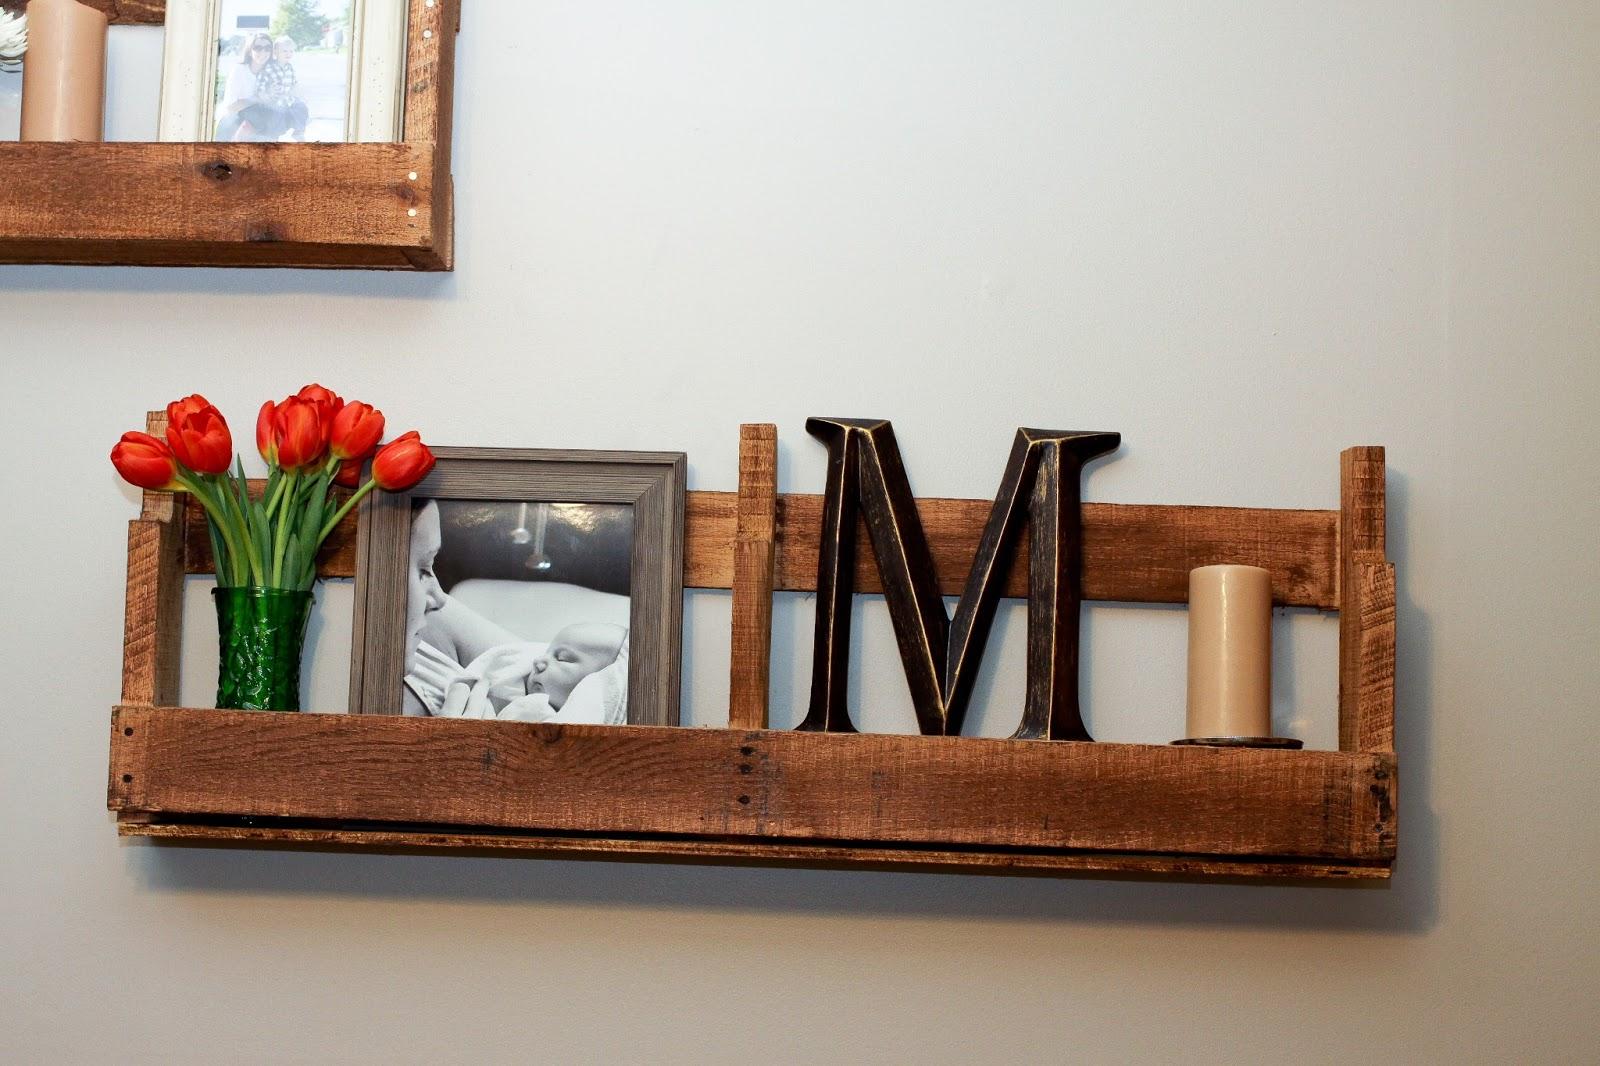 Поделки из обрезков древесины своими руками фото